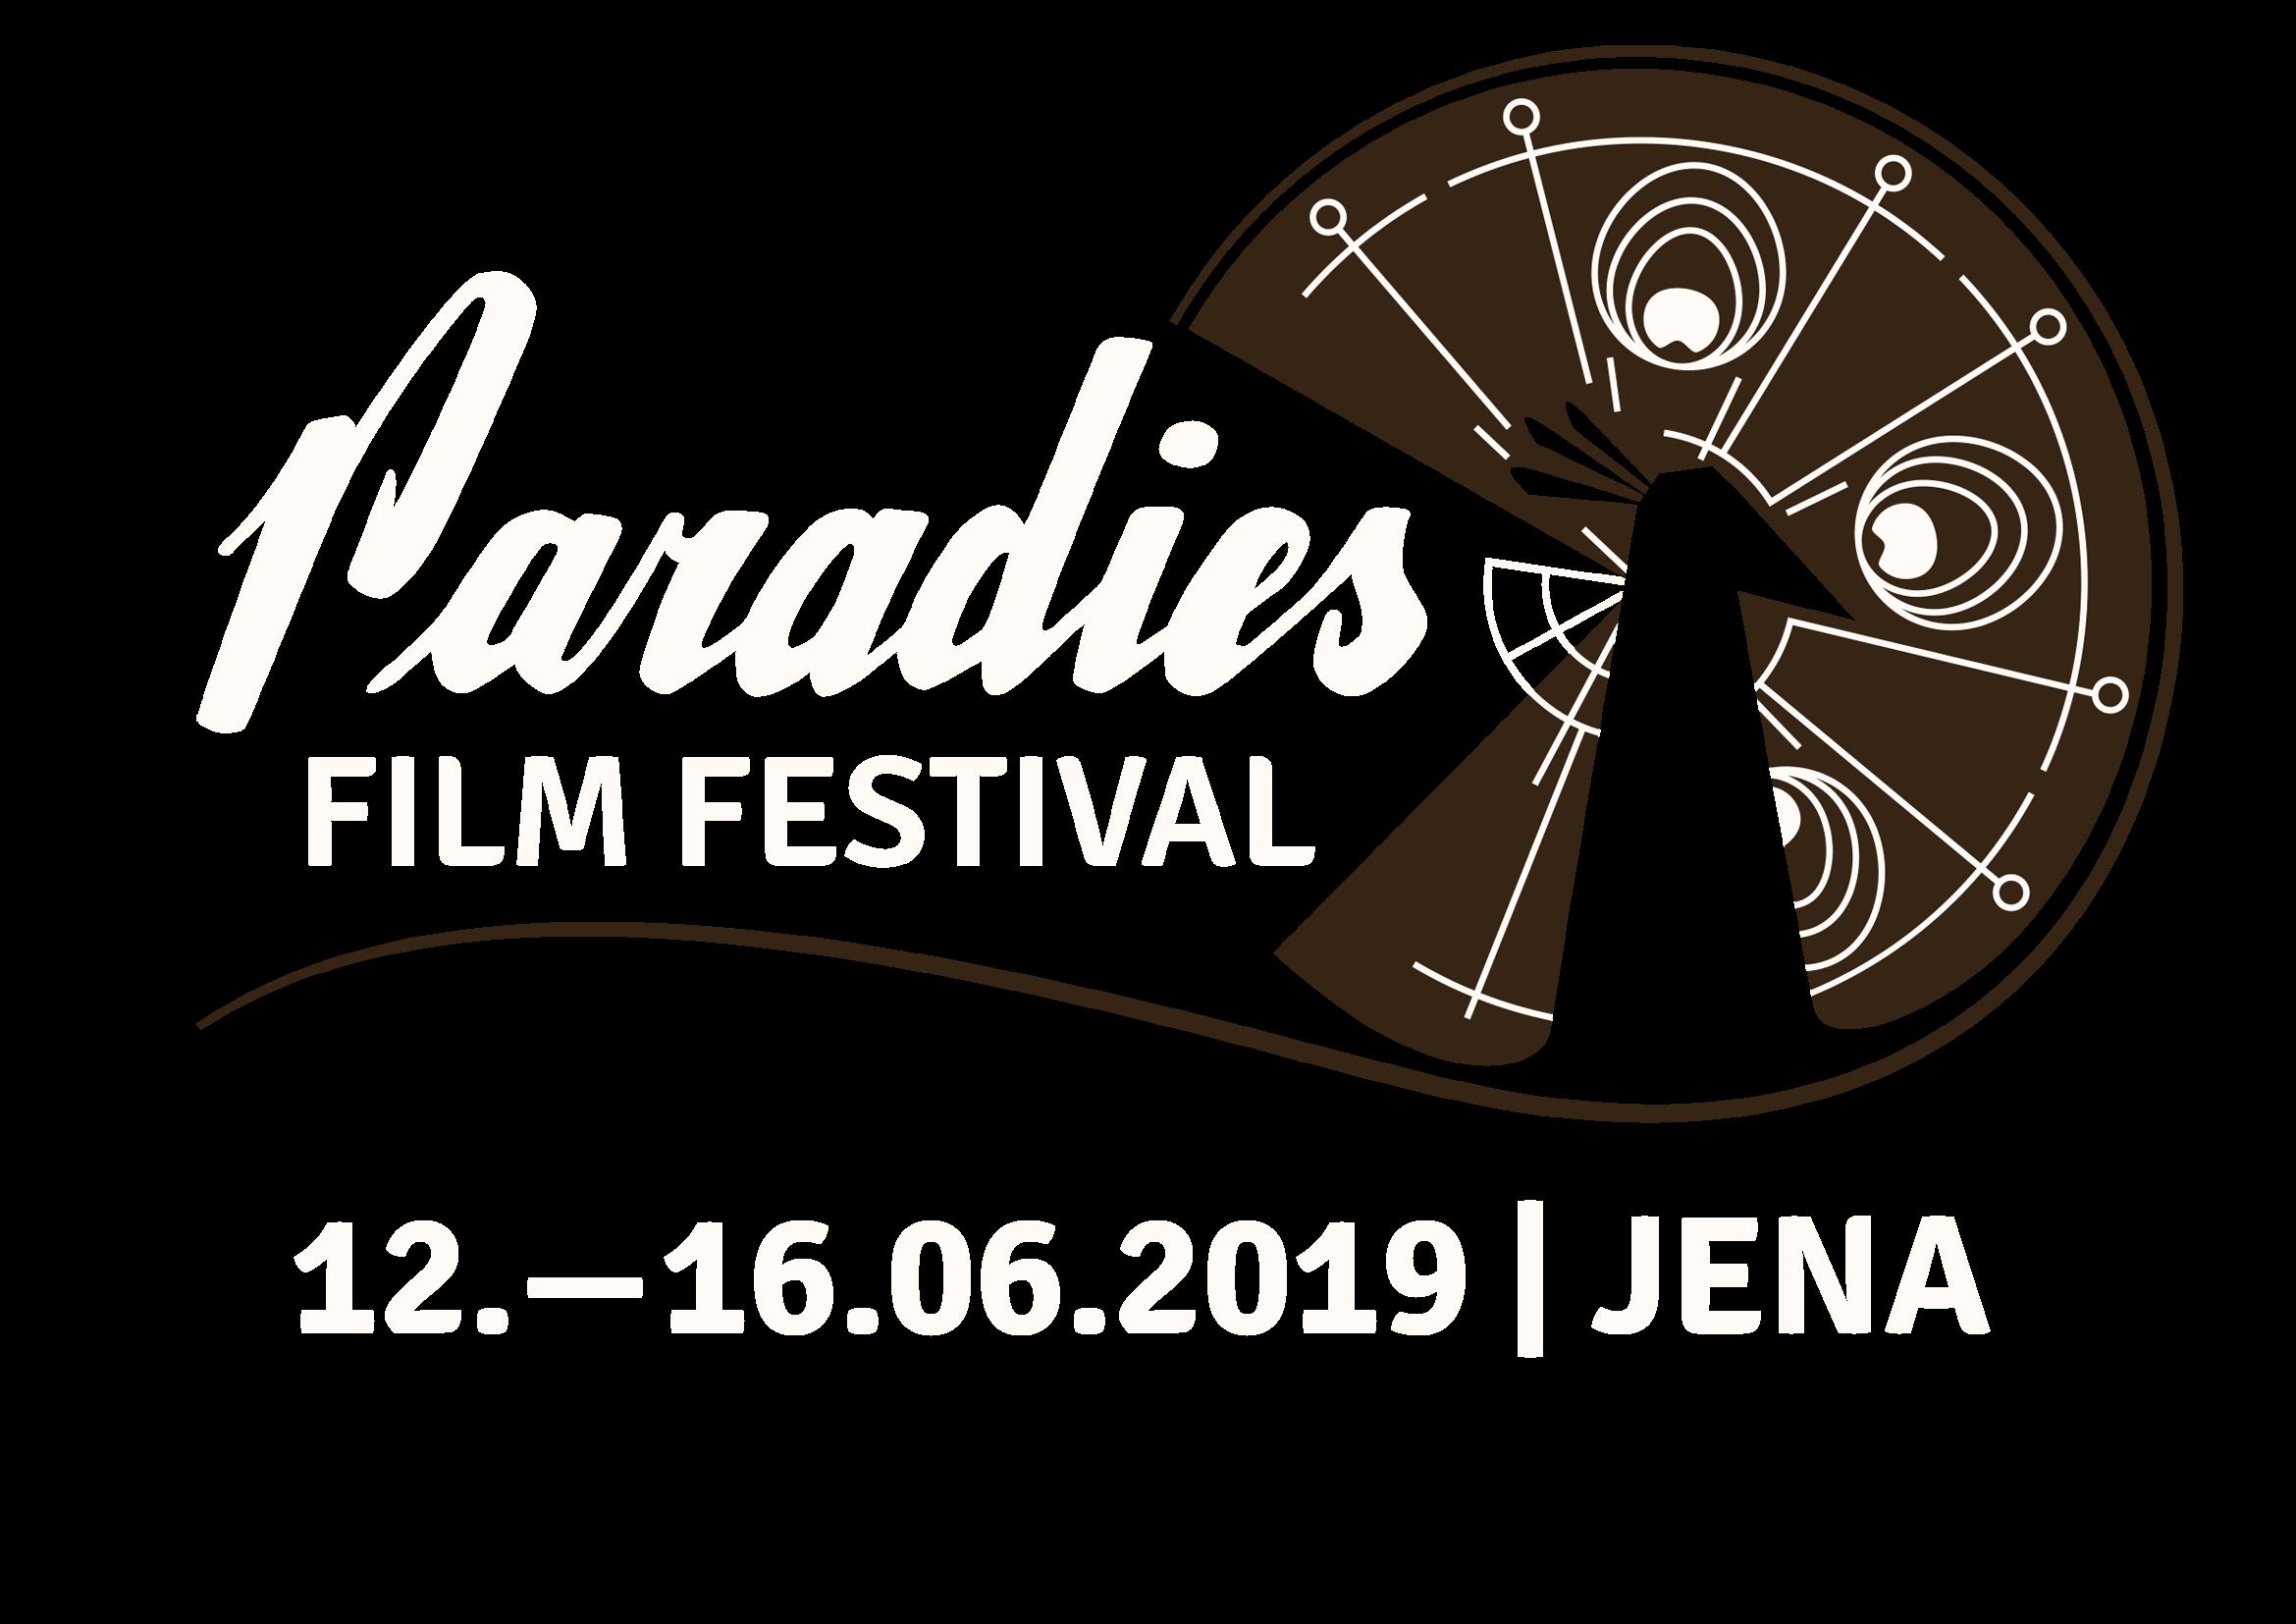 Paradies Film Festival Film Ev Jena